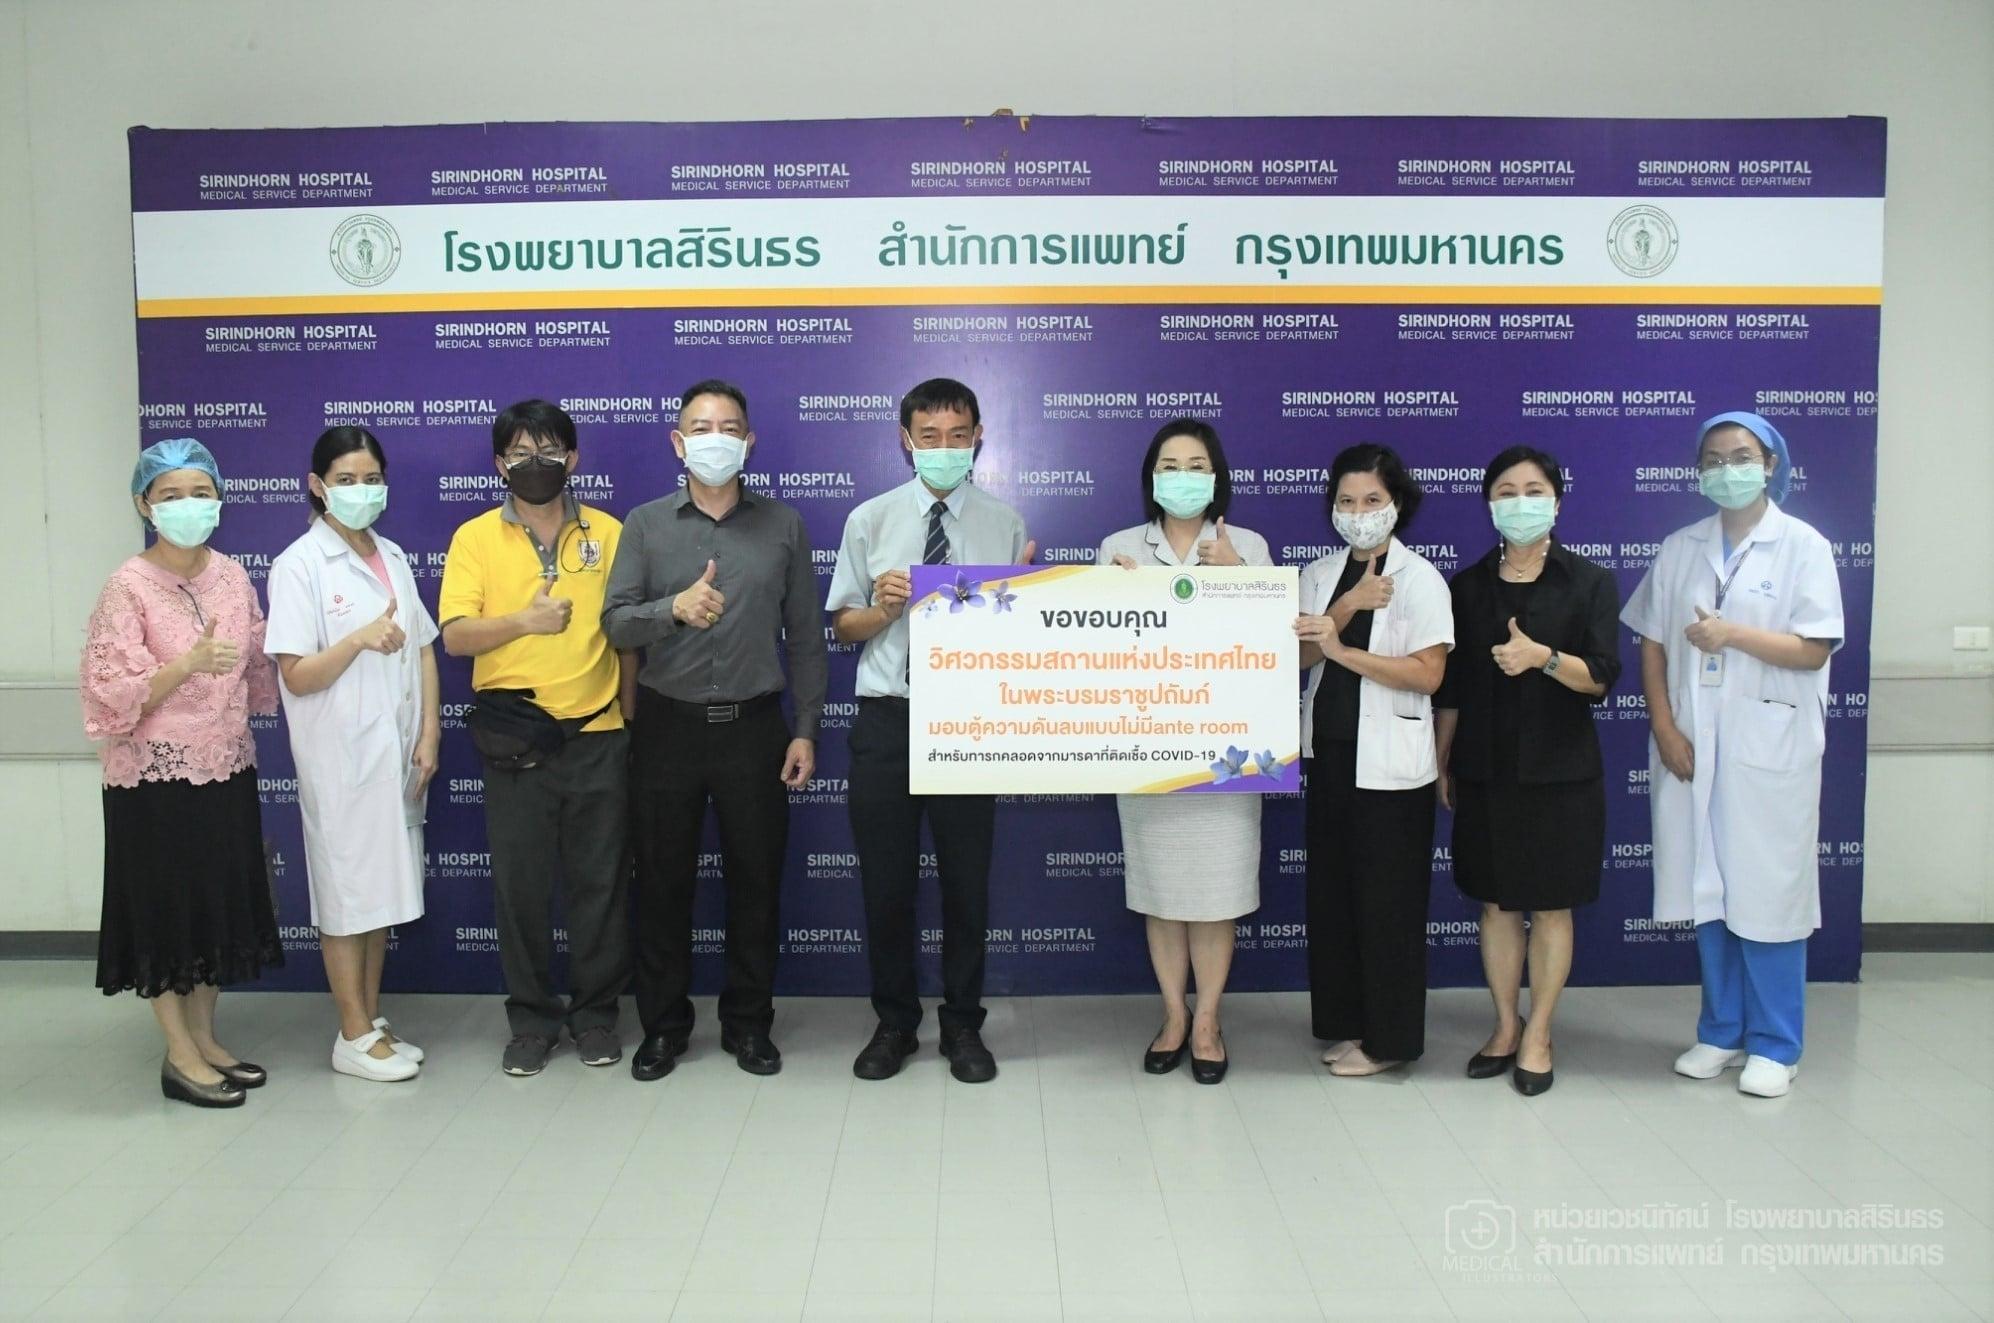 วิศวกรรมสถานแห่งประเทศไทย ในพระบรมราชูปถัมภ์ มอบตู้ความดันลบแบบไม่มี ante room จำนวน 1 ตู้ เพื่อดูแลทารกที่กิดจากมารดาที่ติดเชื้อ COVID-19ให้กับโรงพยาบาลสิรินธร สำนักการแพทย์ กรุงเทพมหานคร